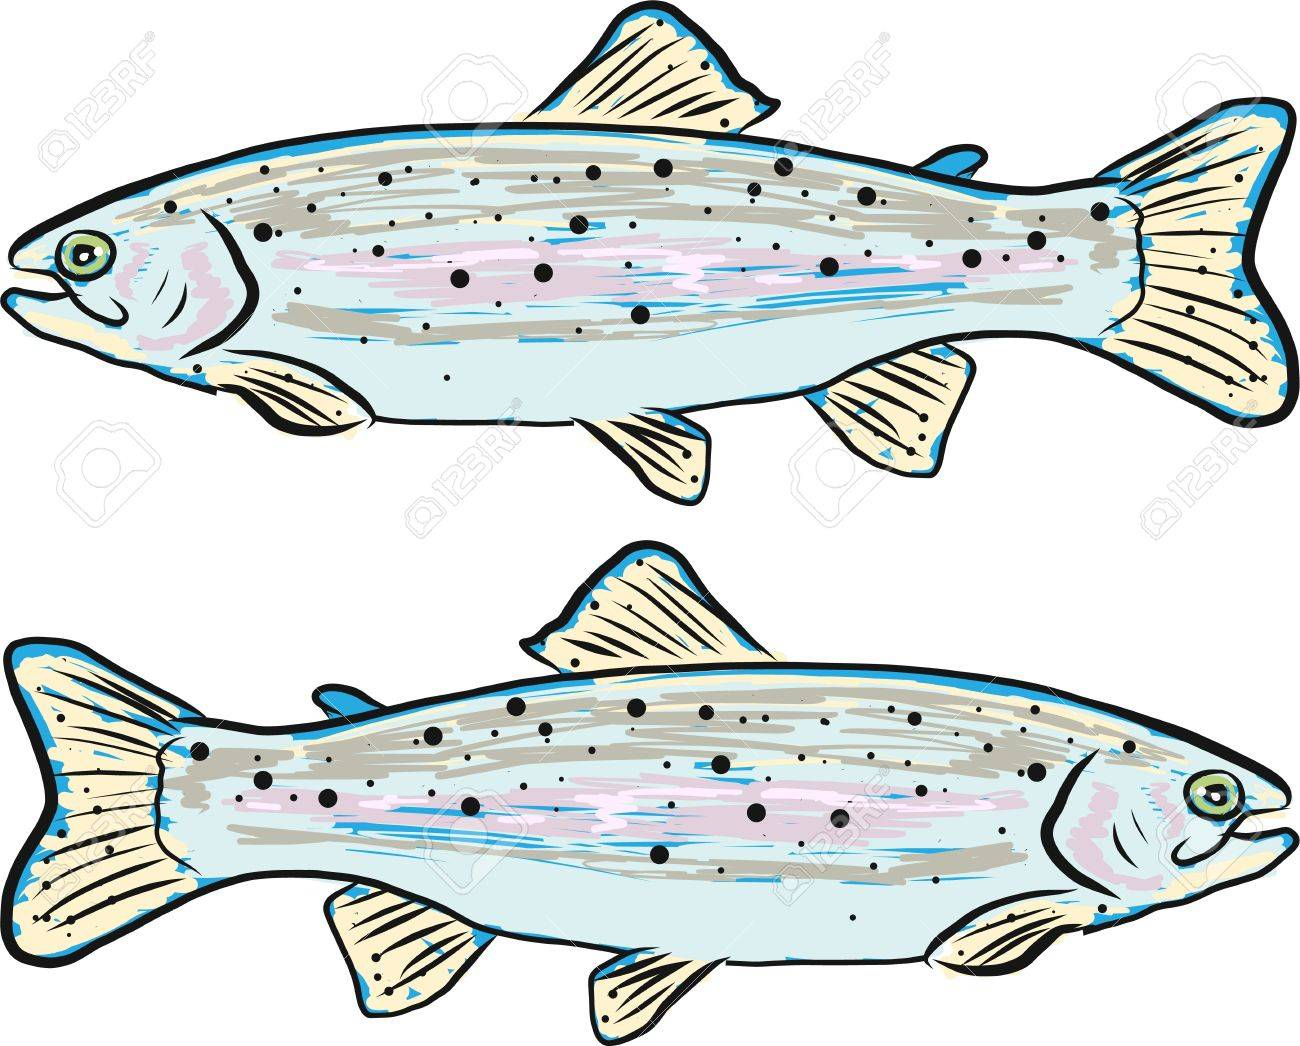 ニジマス ベクトル イラスト クリップ アート魚 ロイヤリティフリー